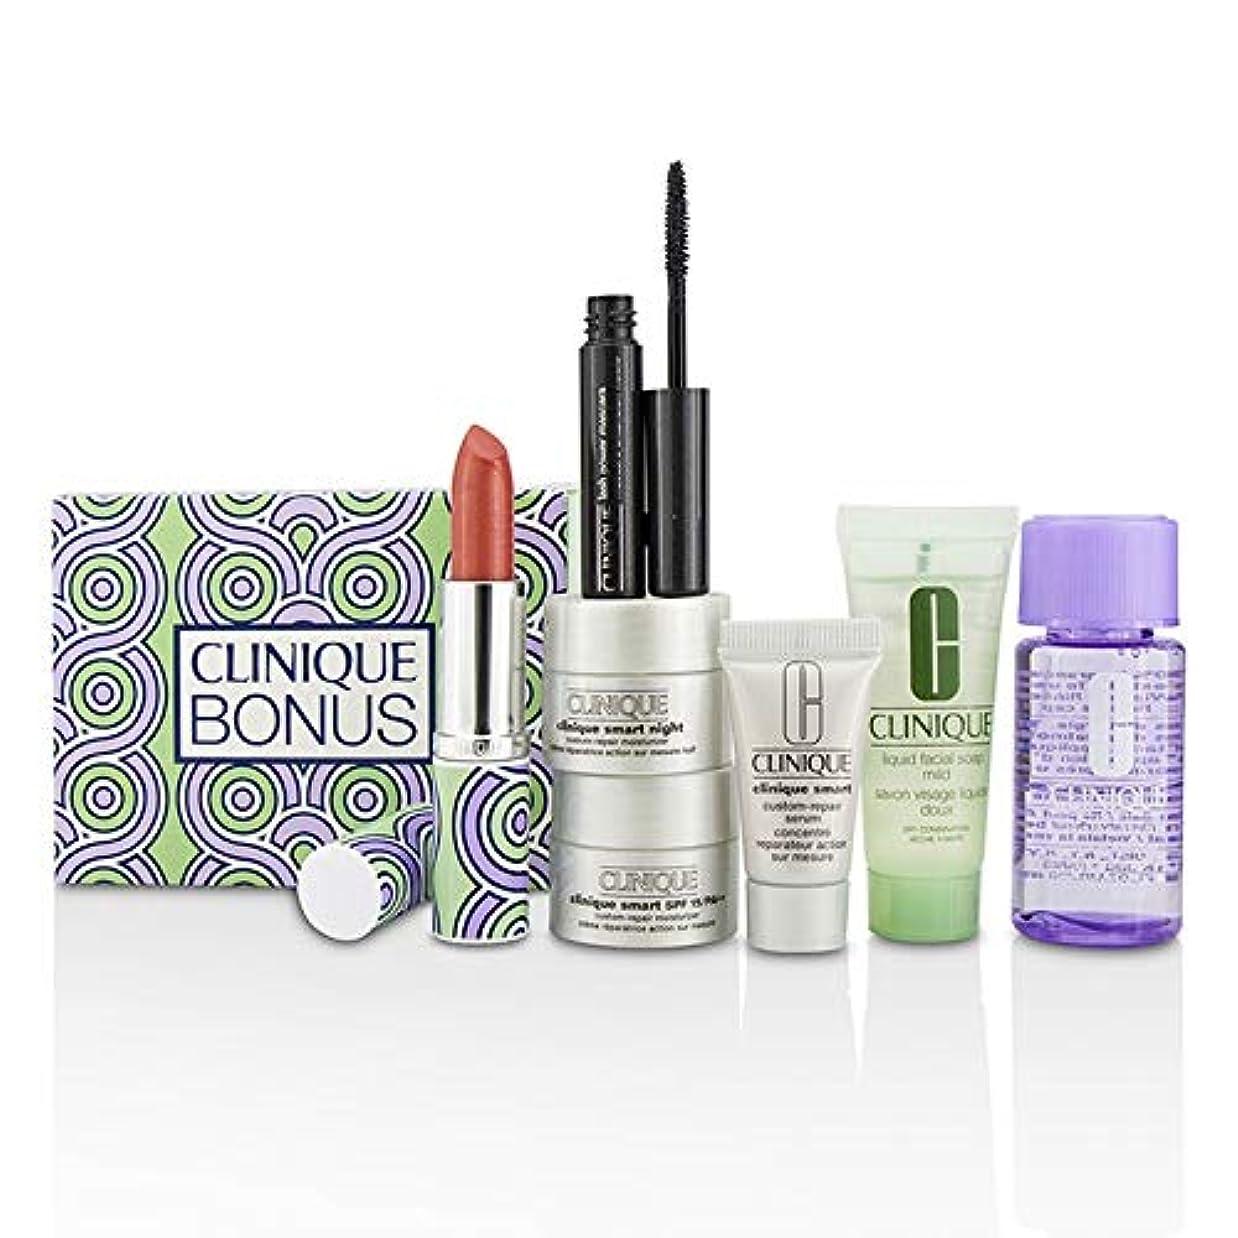 アーチ猟犬石のクリニーク Bonus Travel Set: M/U Remover + Facial Soap + Repair Serum + 2x Moisturizer + Mascara + Lip Color 7pcs並行輸入品